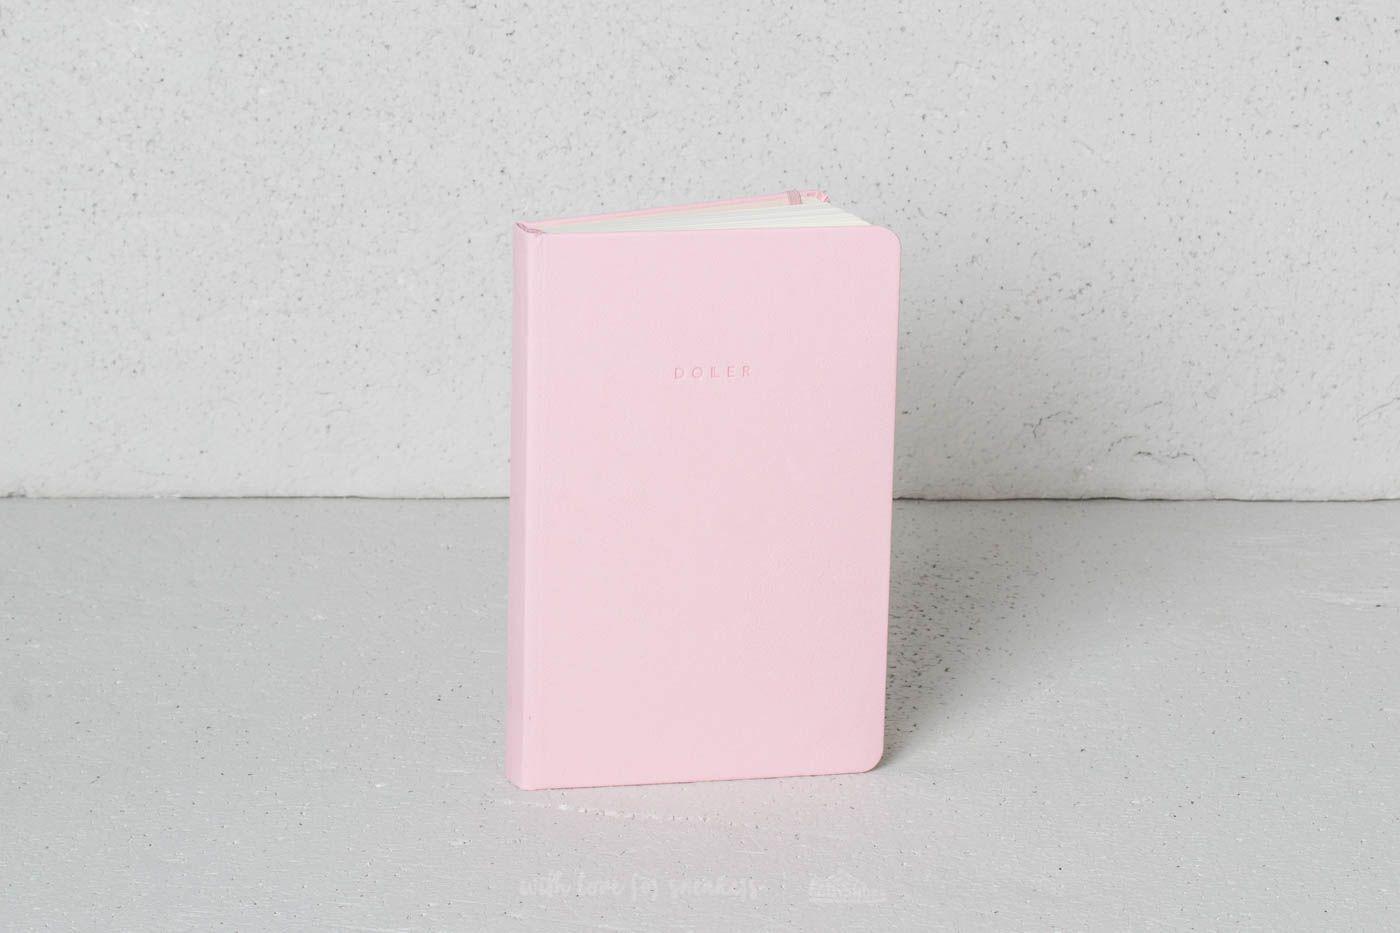 Doller CZ Motivation Diary 12 Months Pink za skvělou cenu 449 Kč koupíte na Footshop.cz